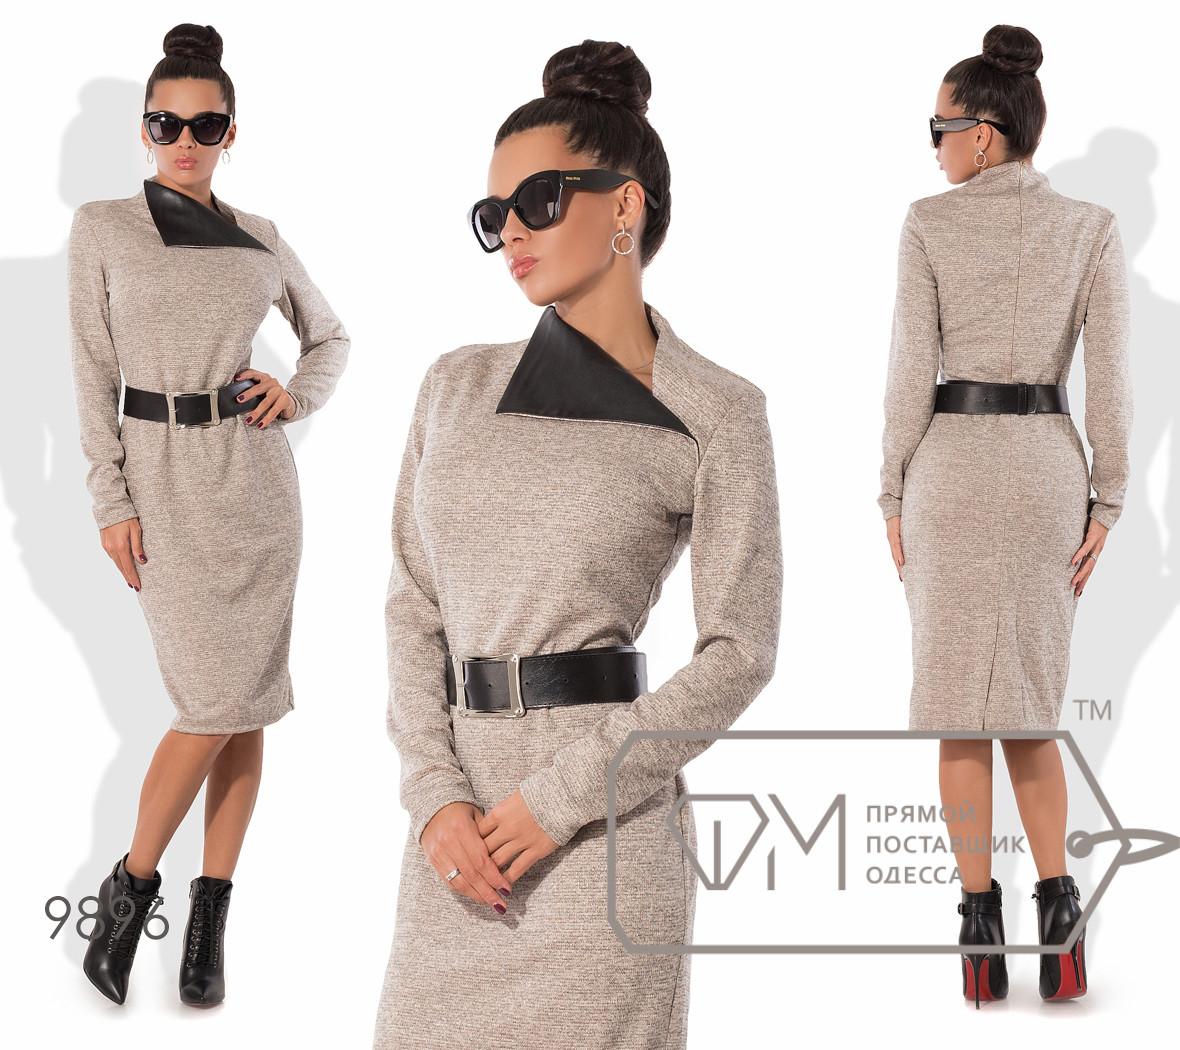 Платье-футляр миди облегающее из трикотажа с люрексом со шлицей, асимметричным воротом-апаш из экокожи и кожаным поясом в комплекте 9896